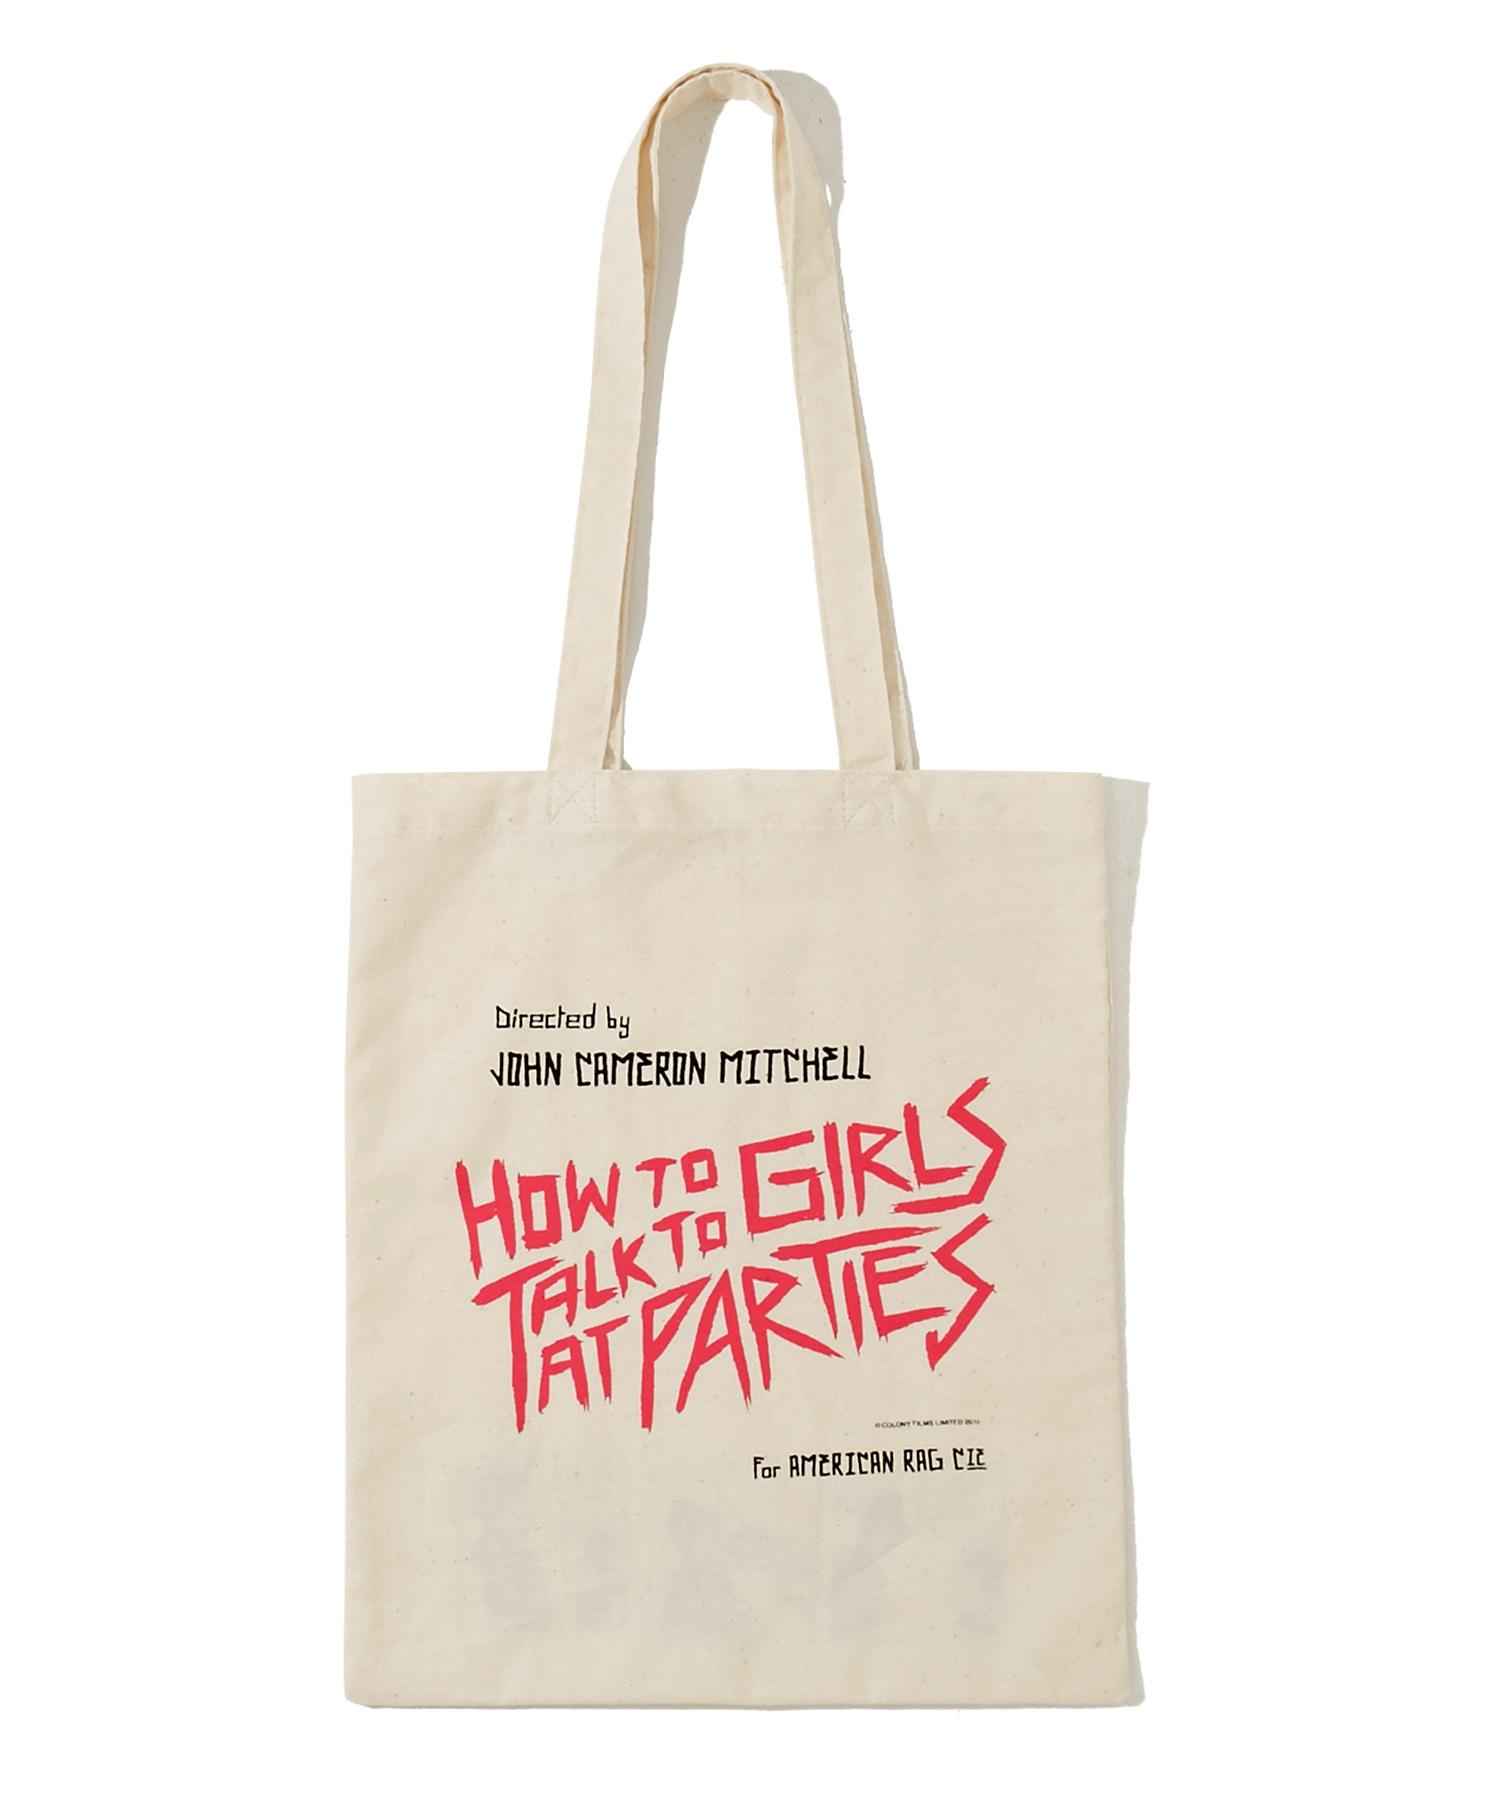 映画【パーティで女の子に話しかけるには】トートバッグ